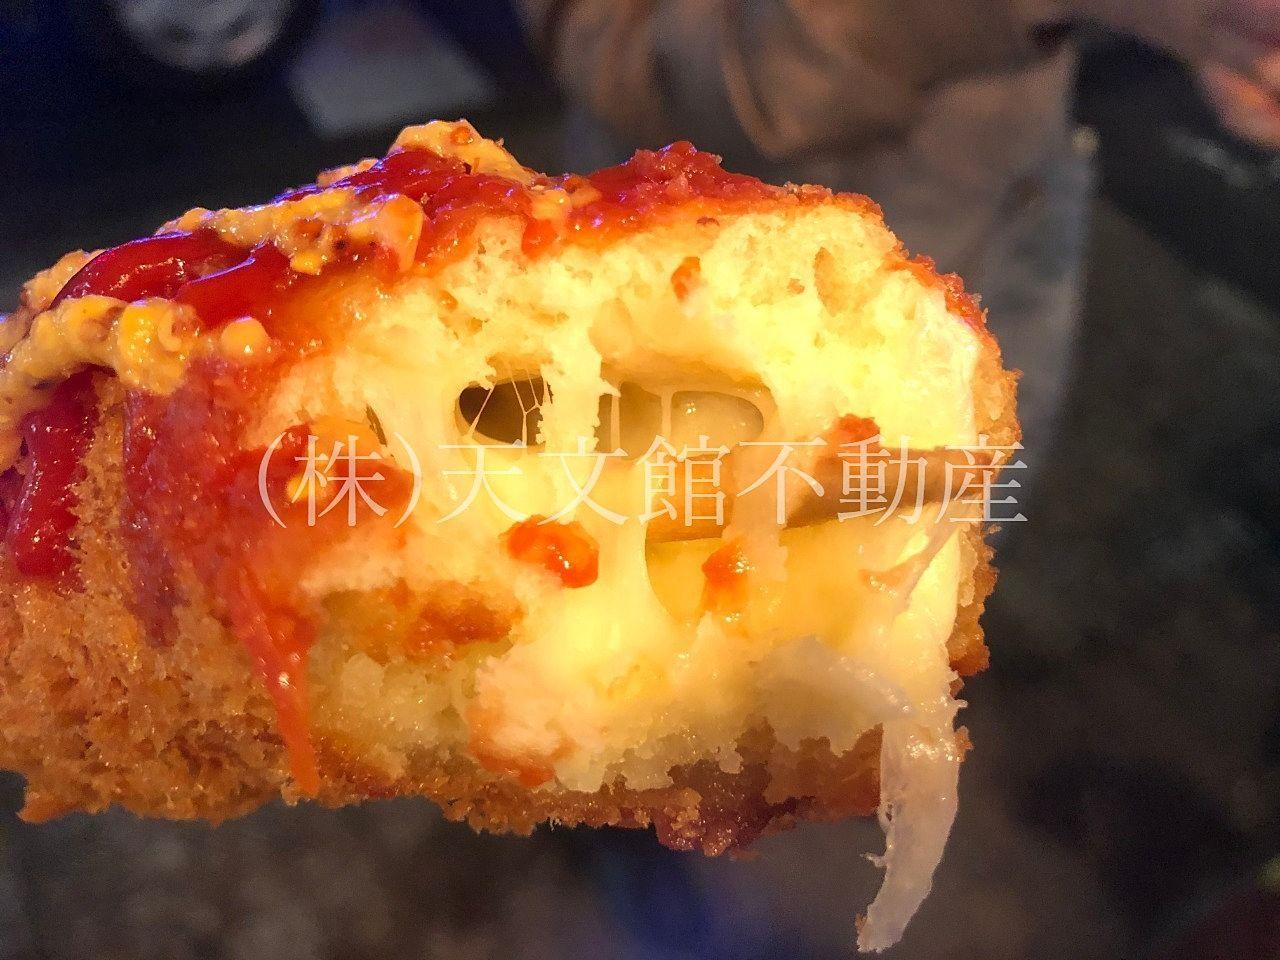 鹿児島市樋之口町の和牛門のチーズドッグはチーズがたっぷり入って美味しいです。